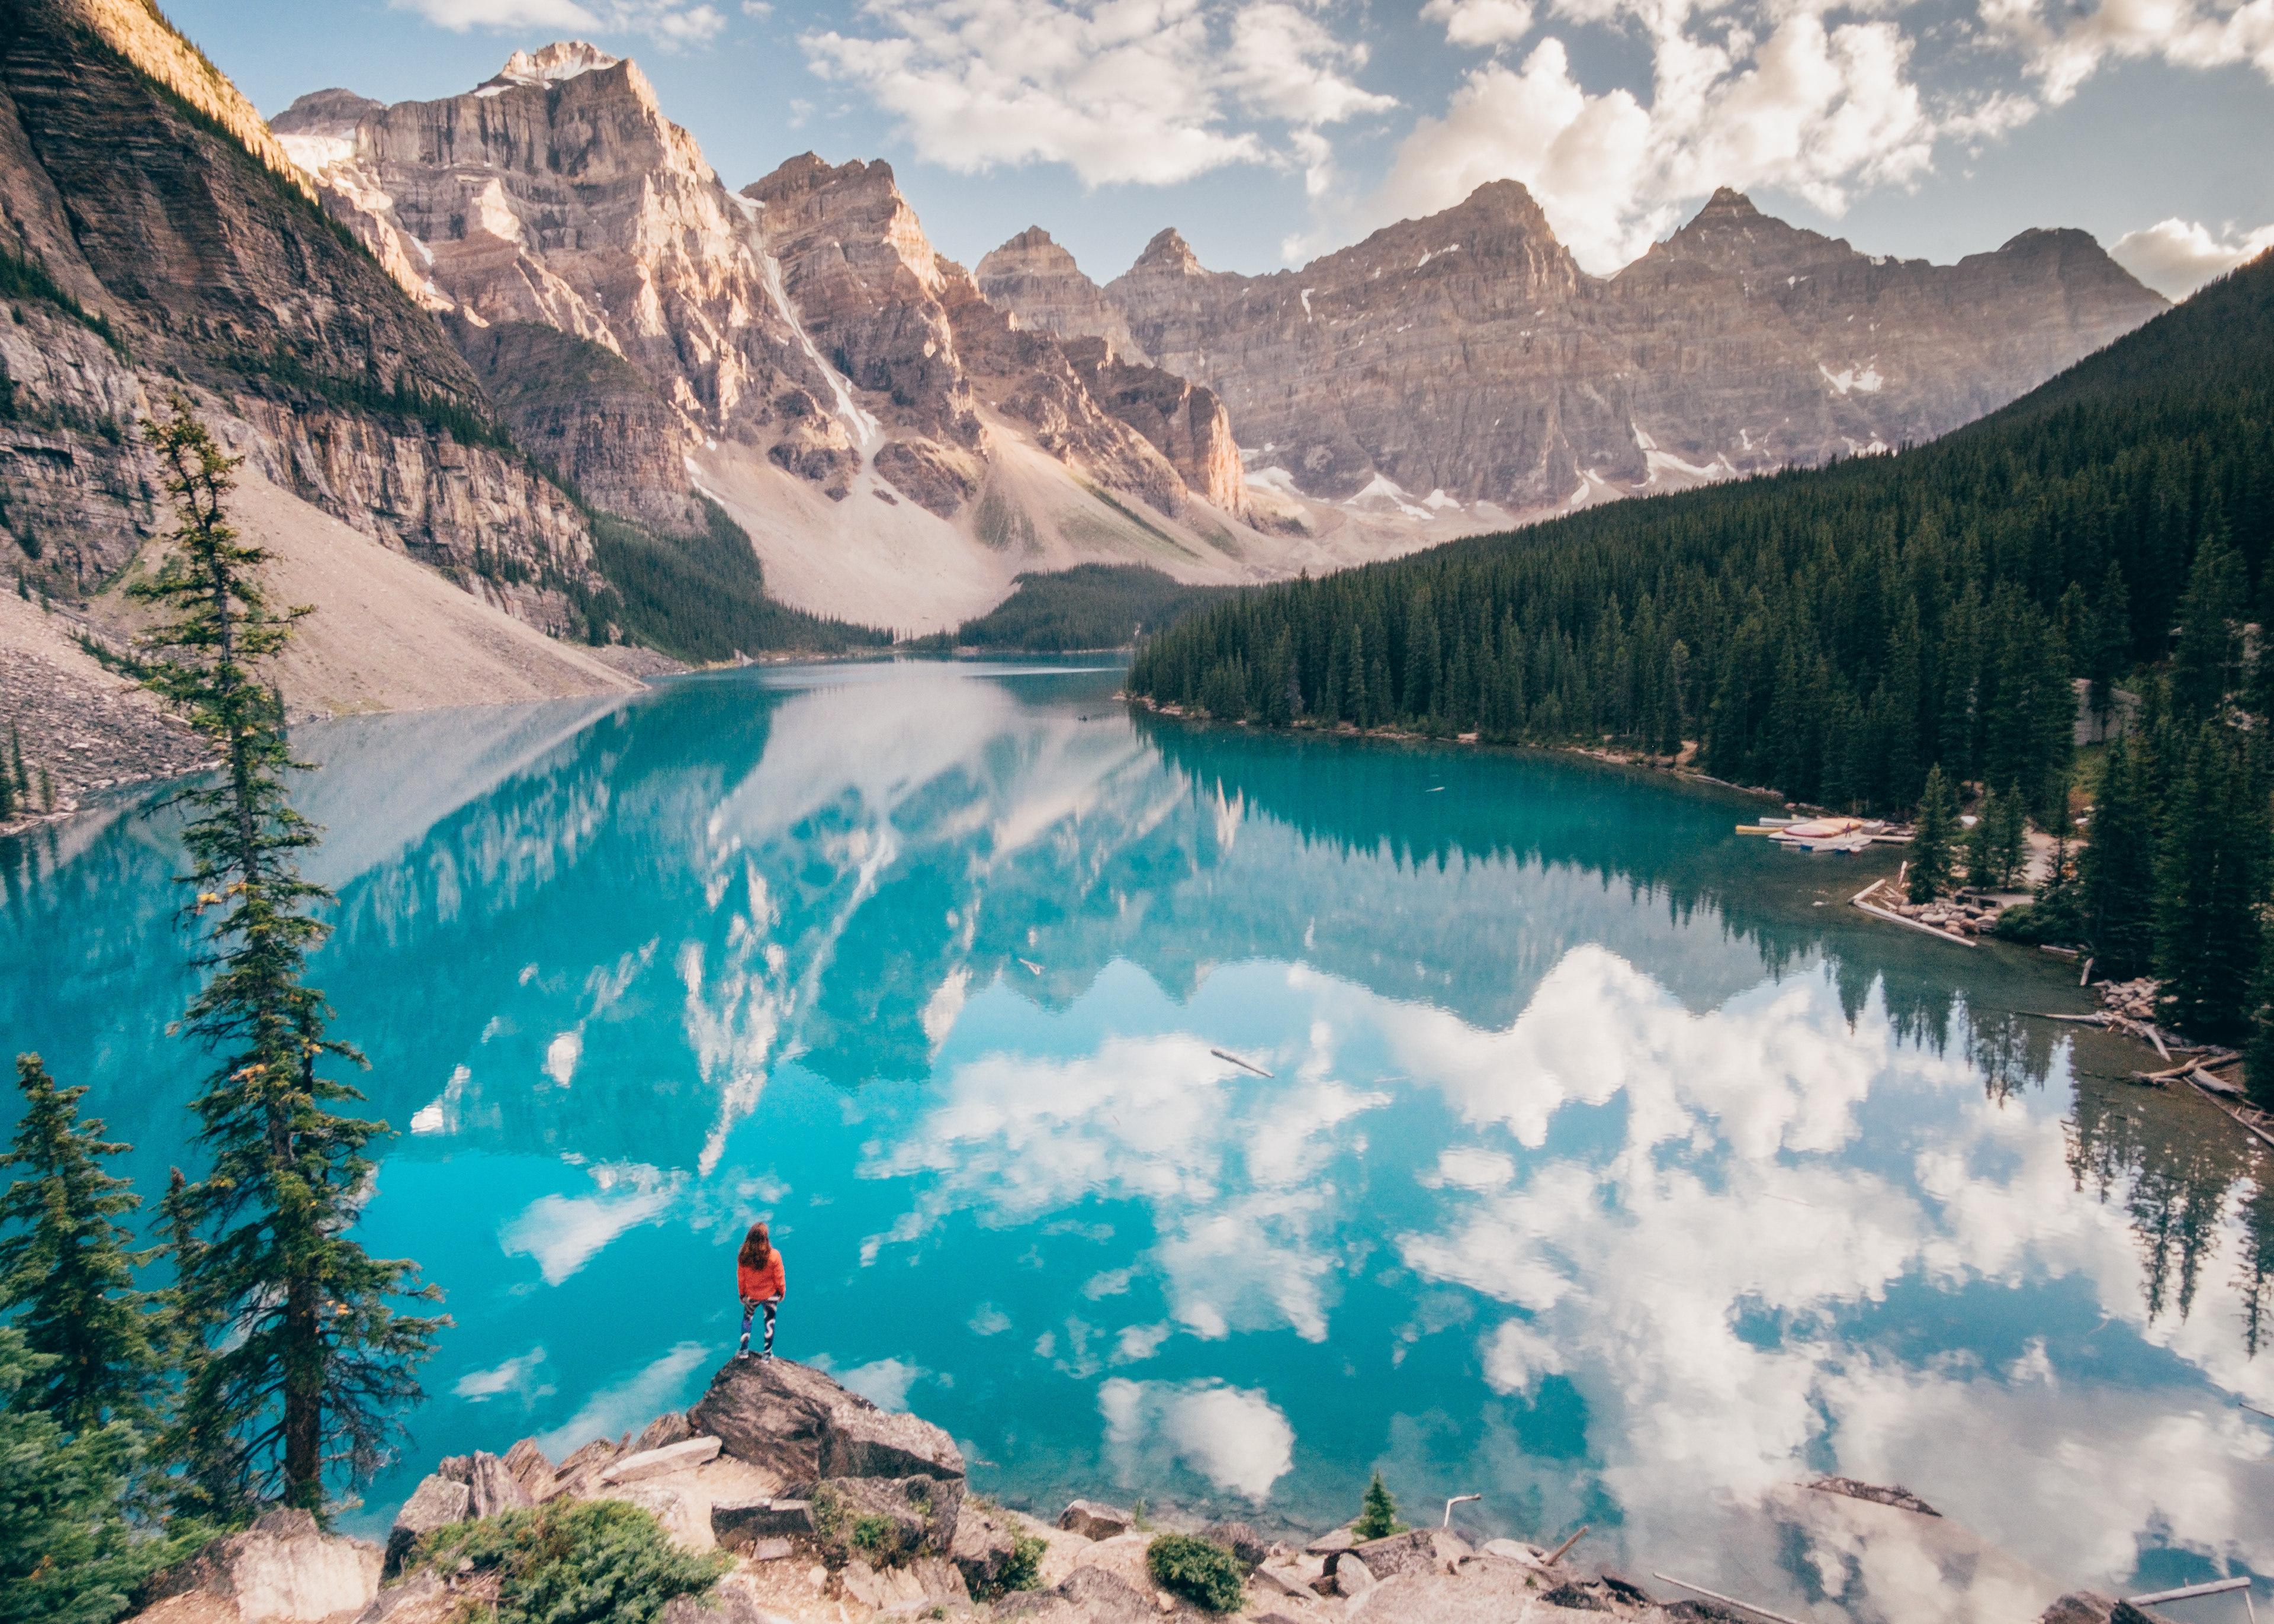 Glacier Lake Moiraine Wallpapers HD